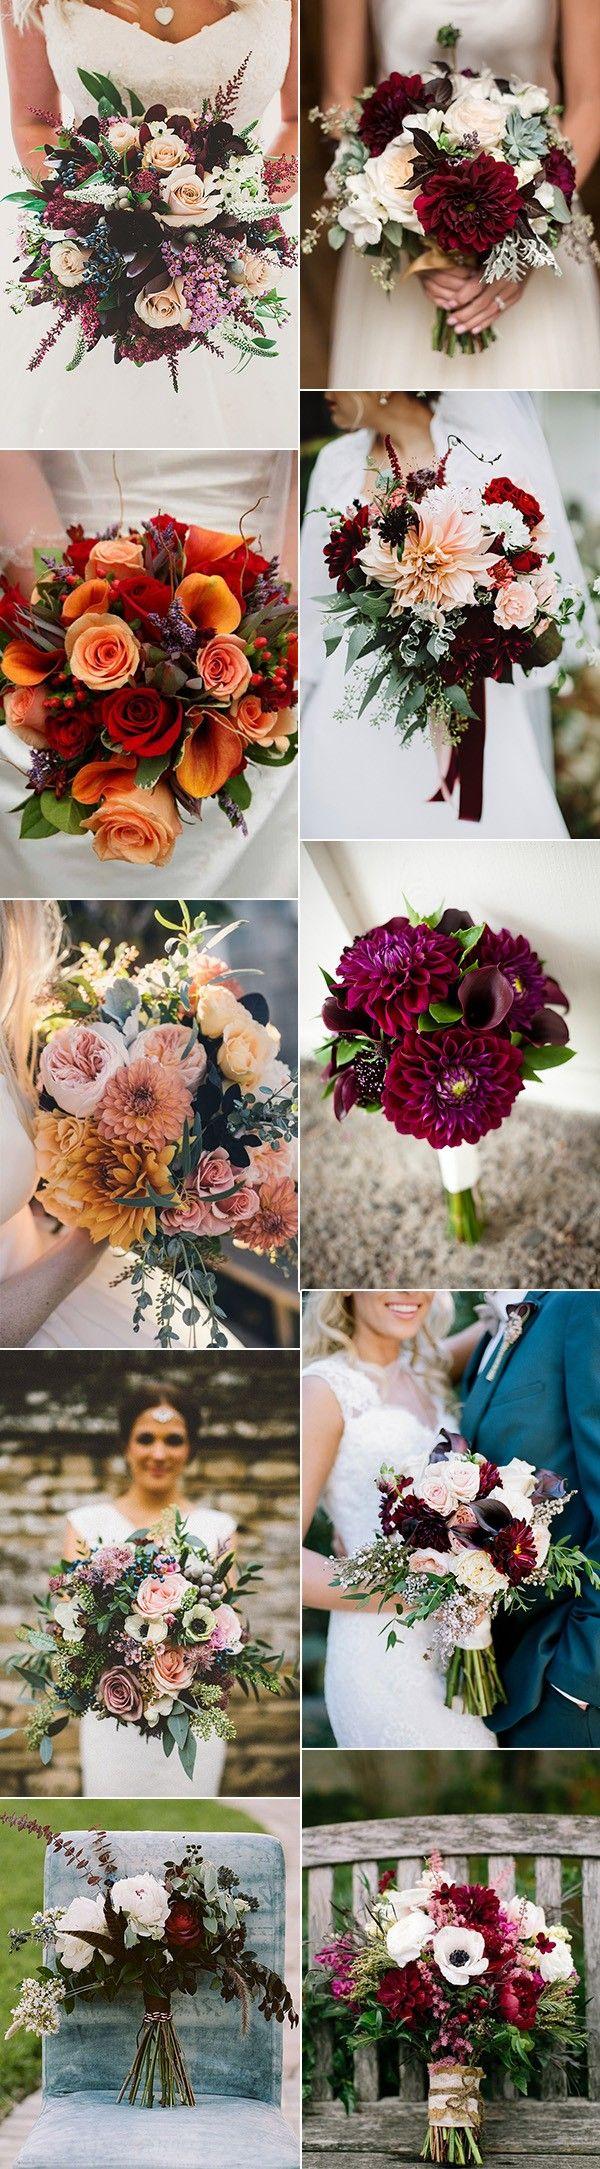 70+ Amazing Fall Wedding Ideas for 2020 Fall wedding